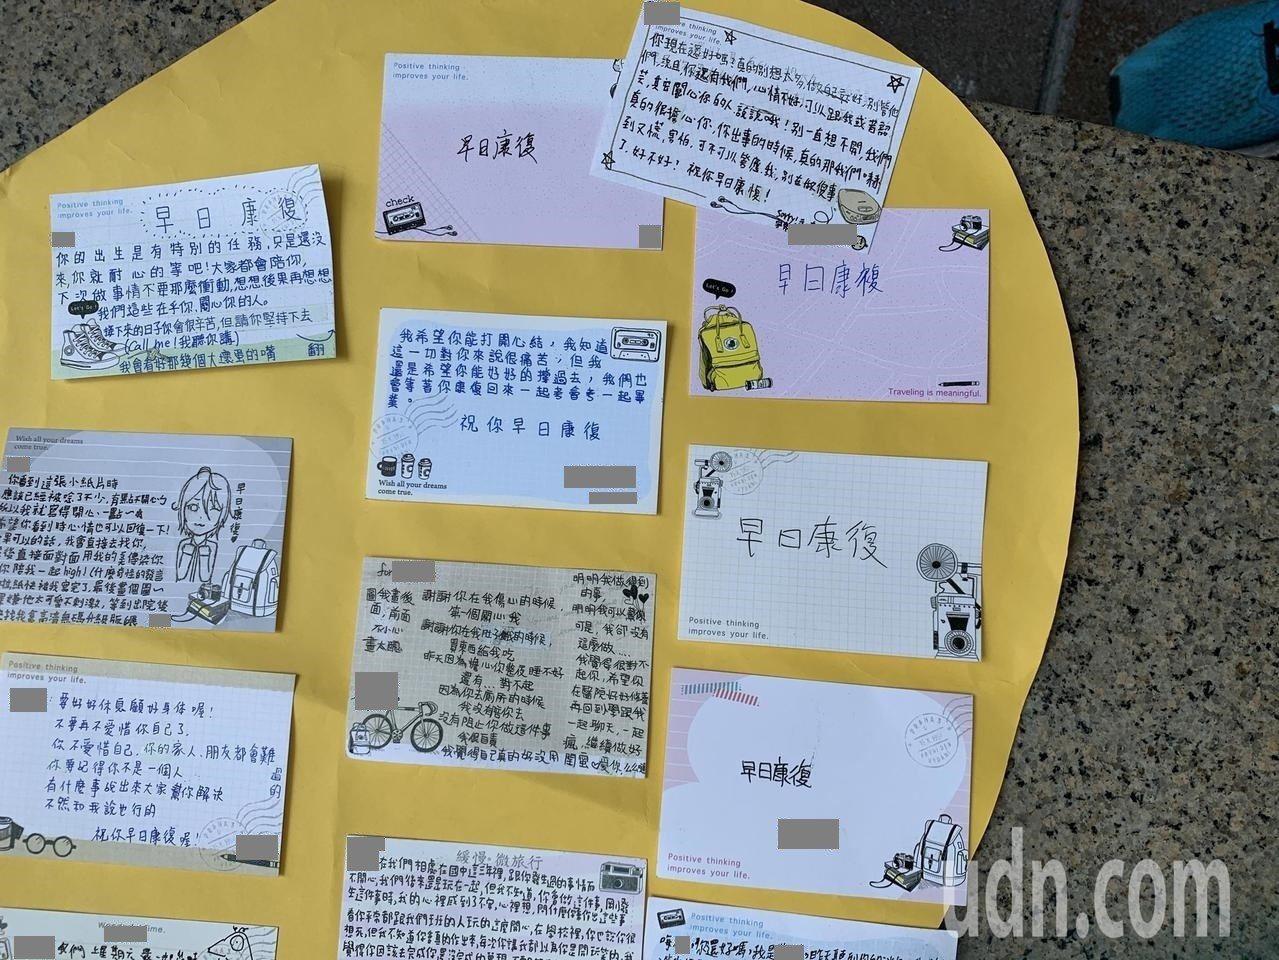 劉姓媽媽說,加害者3名學生都只寫「早日康復」,他們有沒有悔意?我們感受不到,但暫...